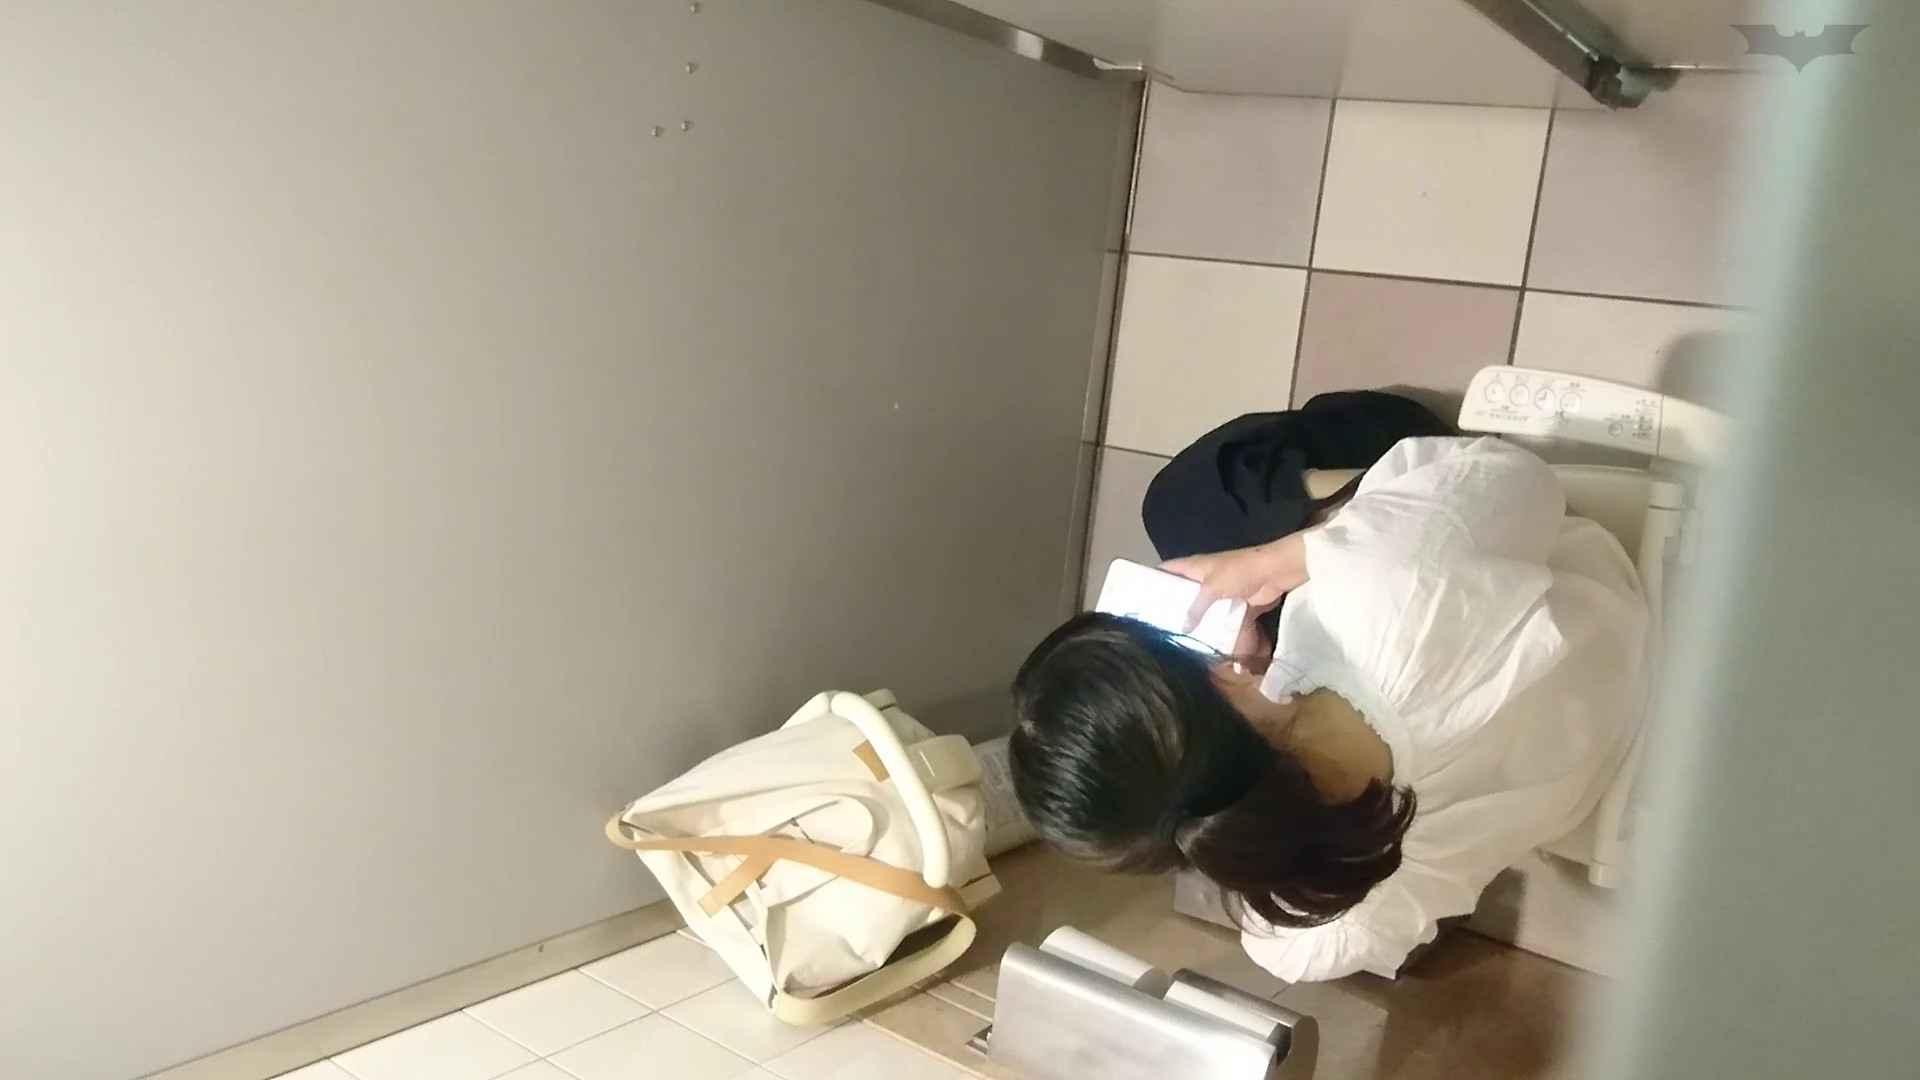 化粧室絵巻 ショッピングモール編 VOL.22 OL  95pic 26